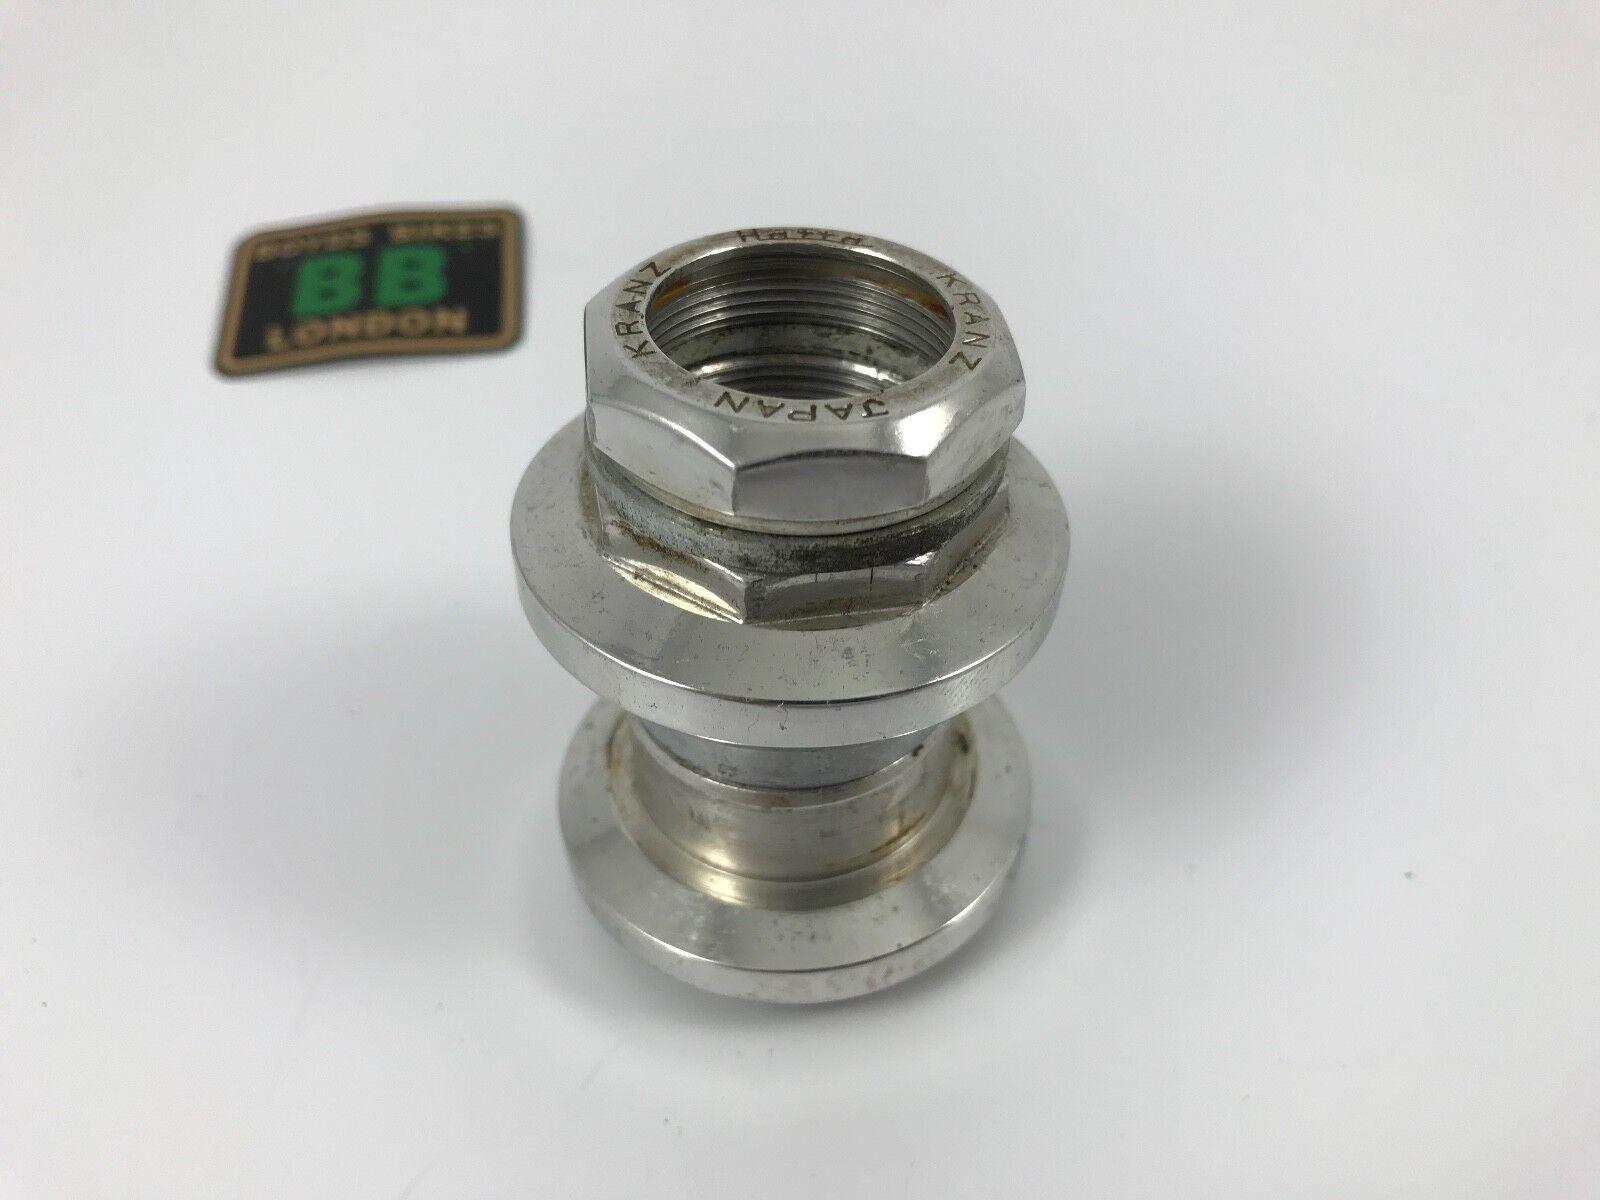 Auriculares de aleación de aluminio Hatta Kranz JIS 1  roscada 30.0 27.0 - Japón Retro años 80